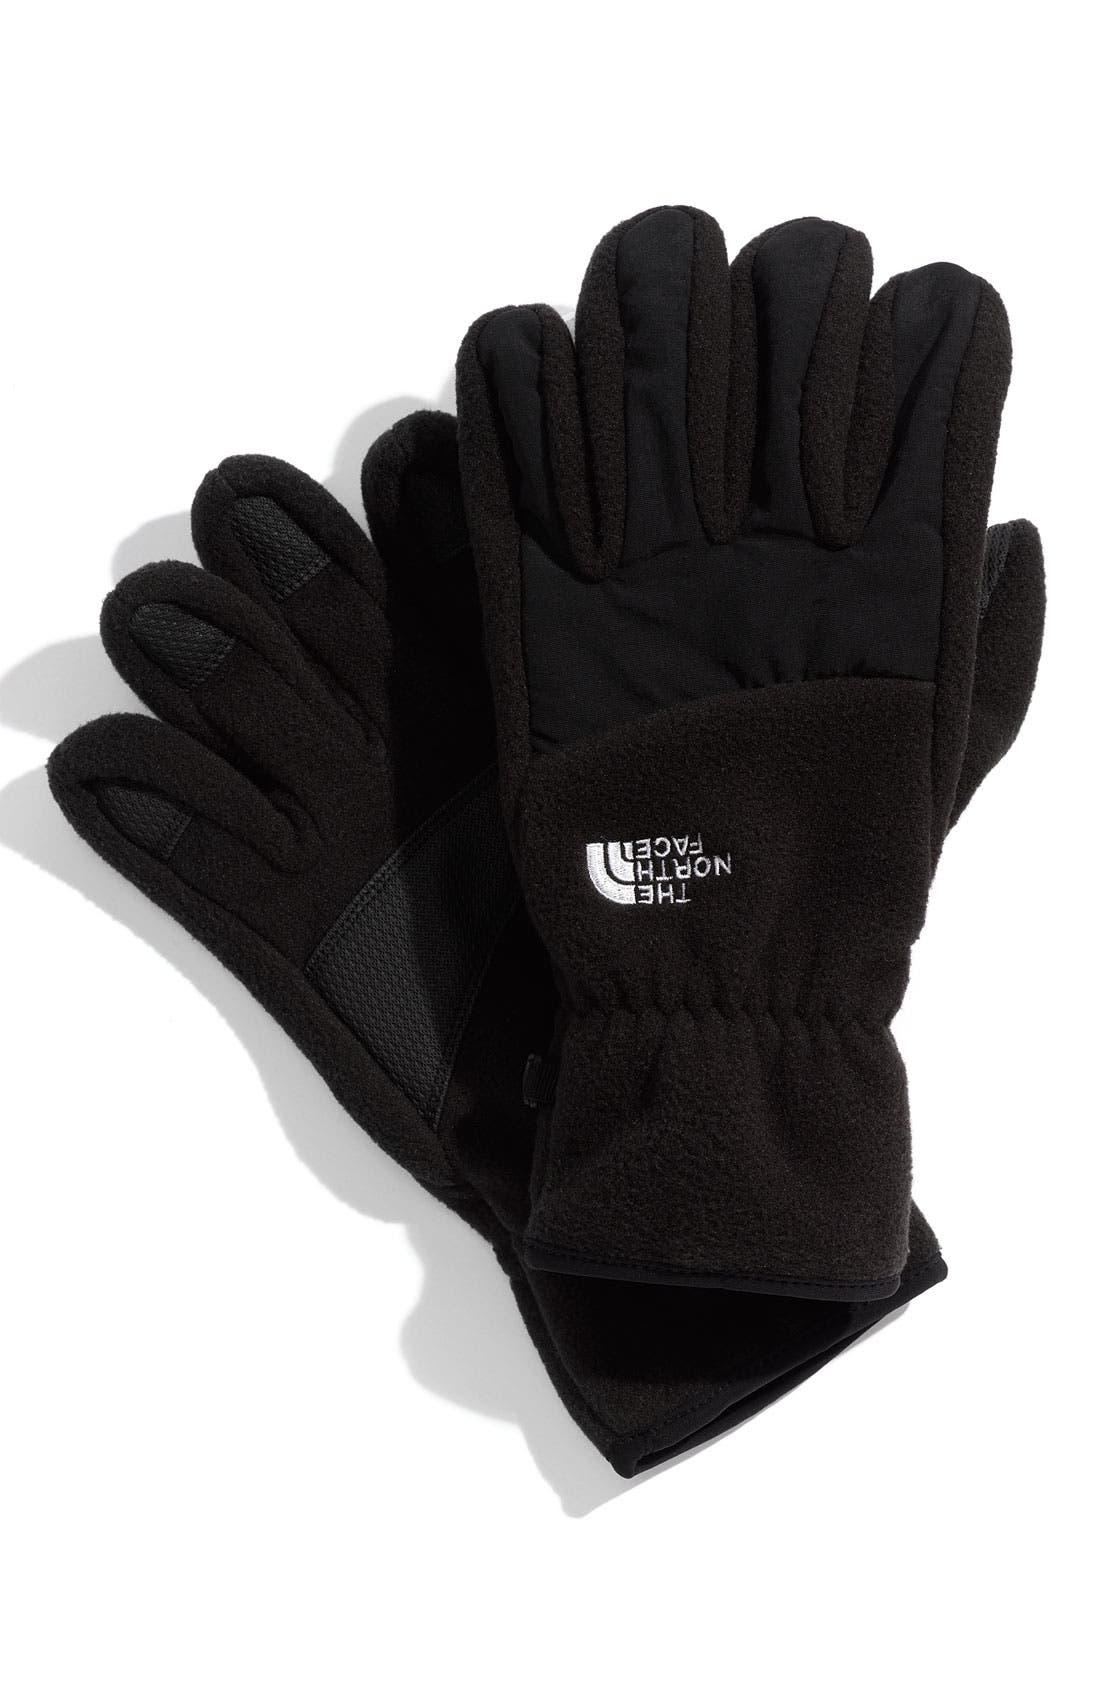 Main Image - The North Face 'Denali' Fleece Gloves (Men)